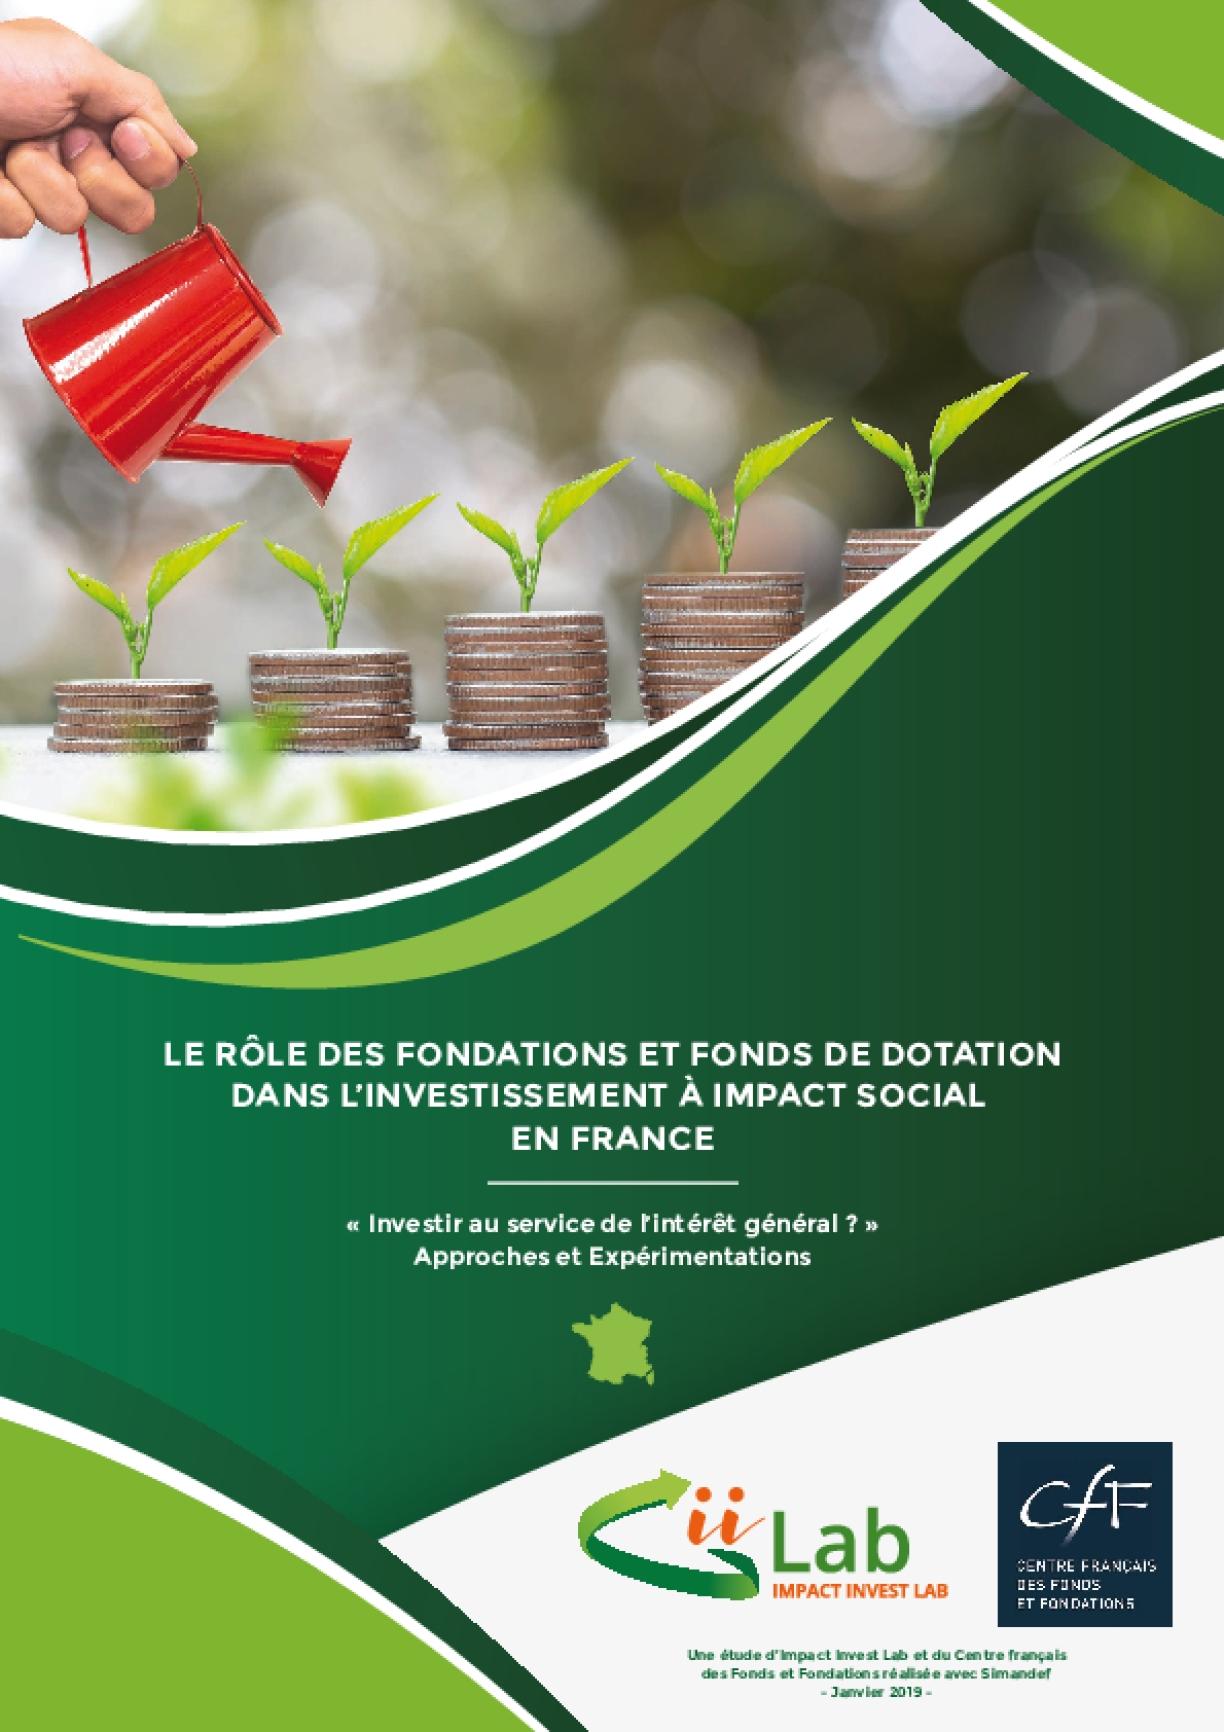 Le Rôle des Fondations et Fonds de Dotation dans l'Investissement à Impact Social en France